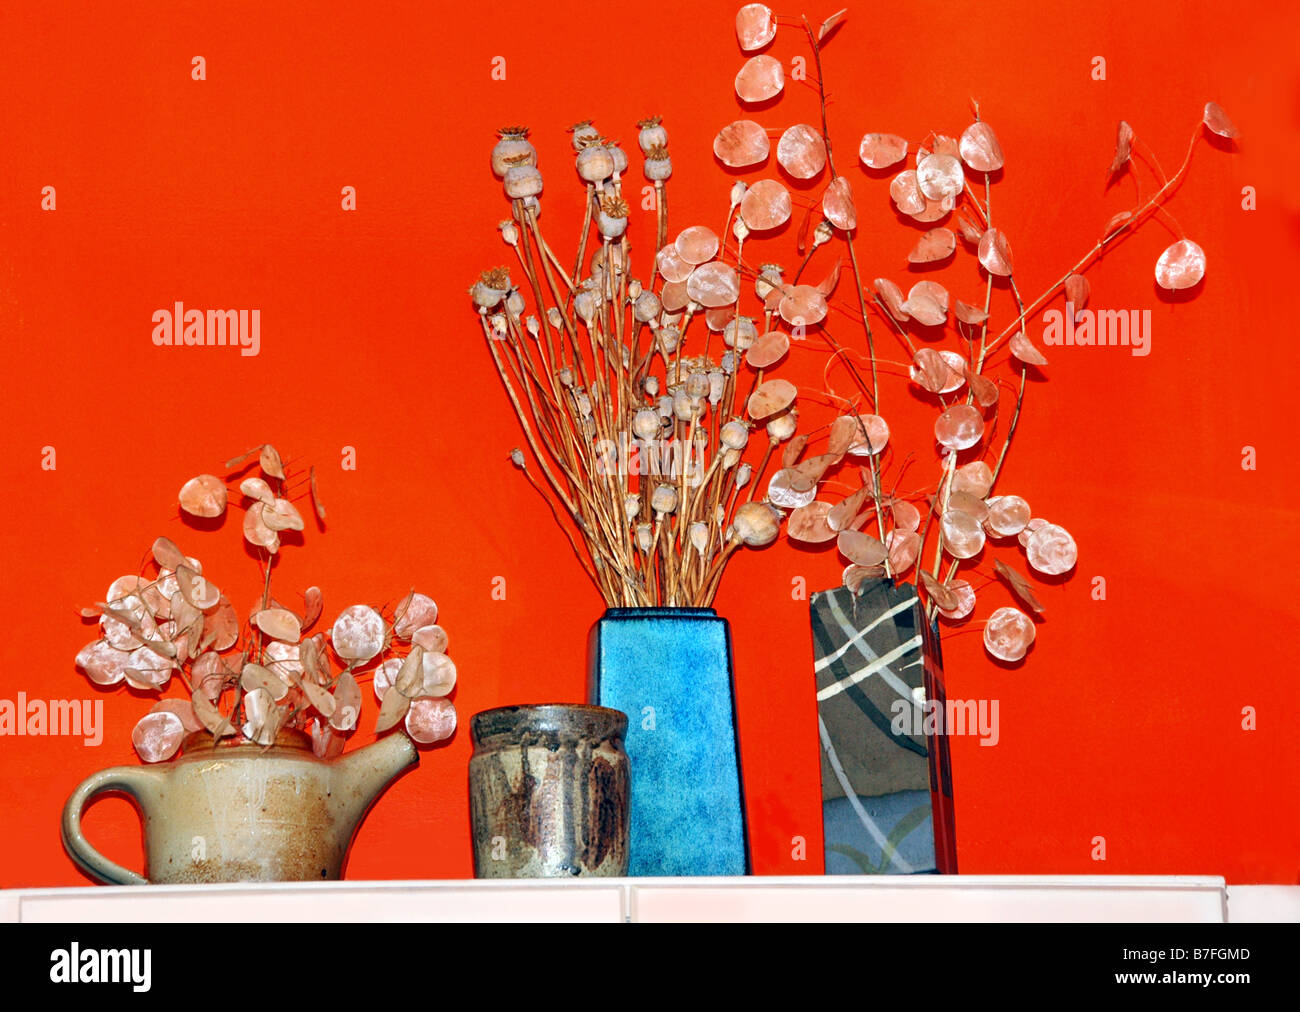 Los Bodegones De Objetos De Ceramica Y Jarrones De Flores Secas - Jarrones-con-flores-secas